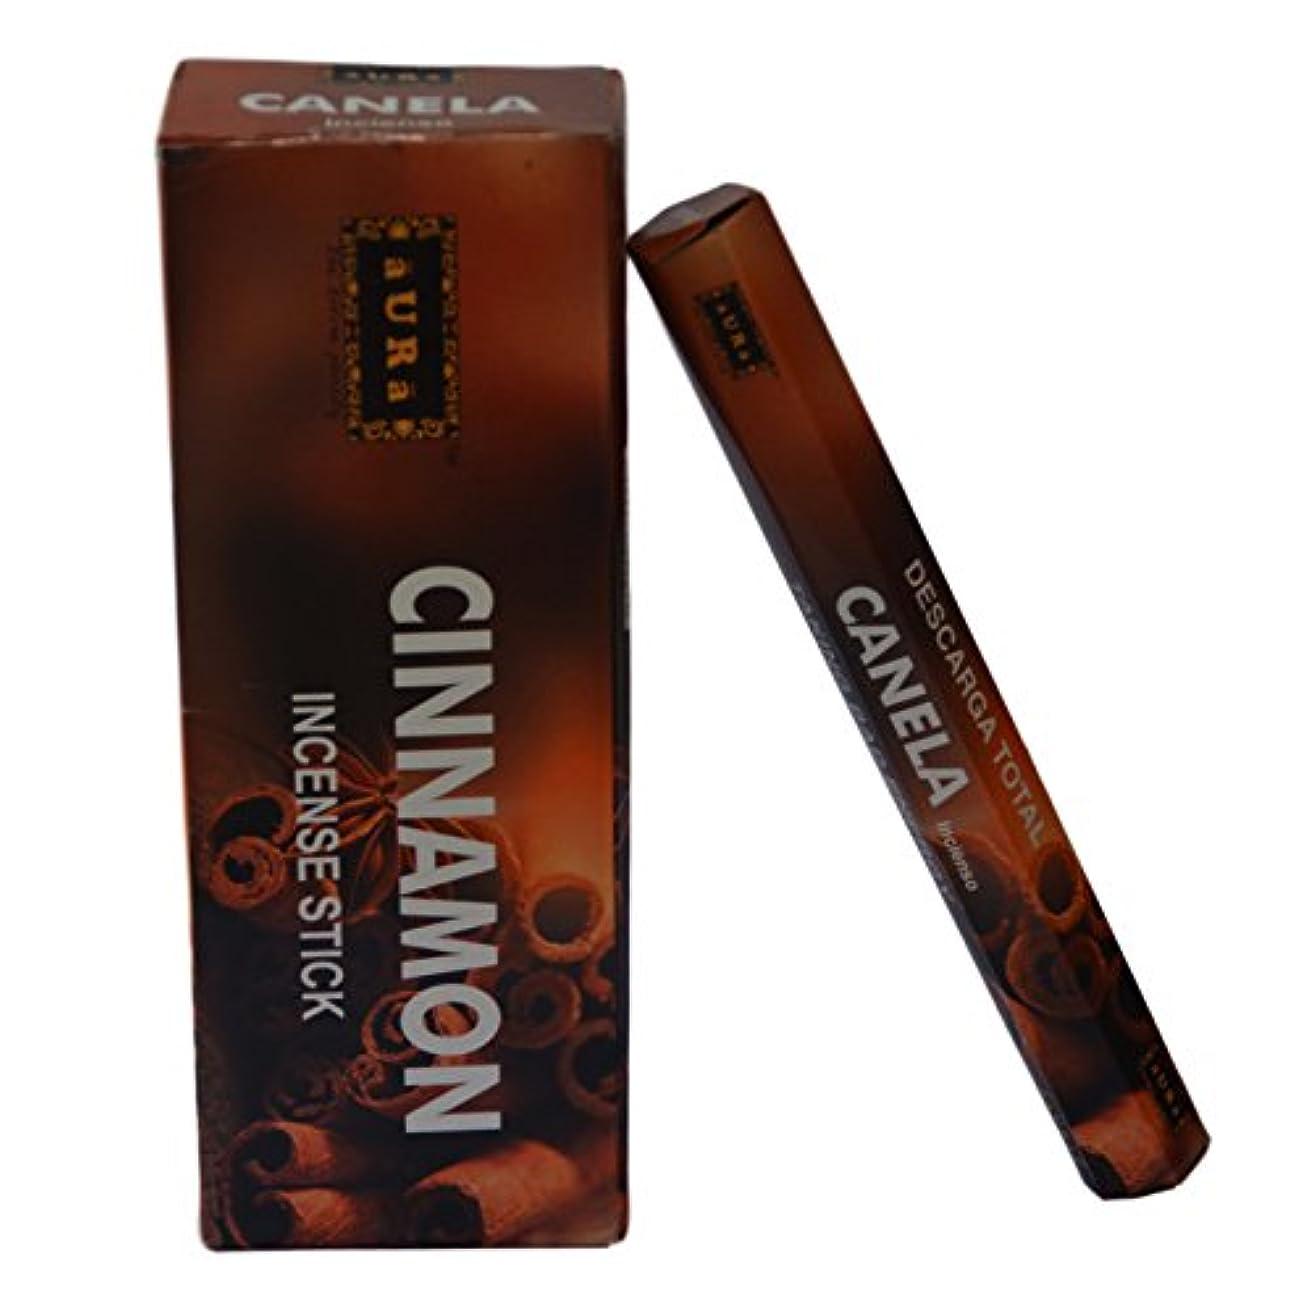 建物不機嫌サンダルオーラCinnamon Scented Incense Sticks、プレミアム天然Incense Sticks、六角packing- 120 Sticks